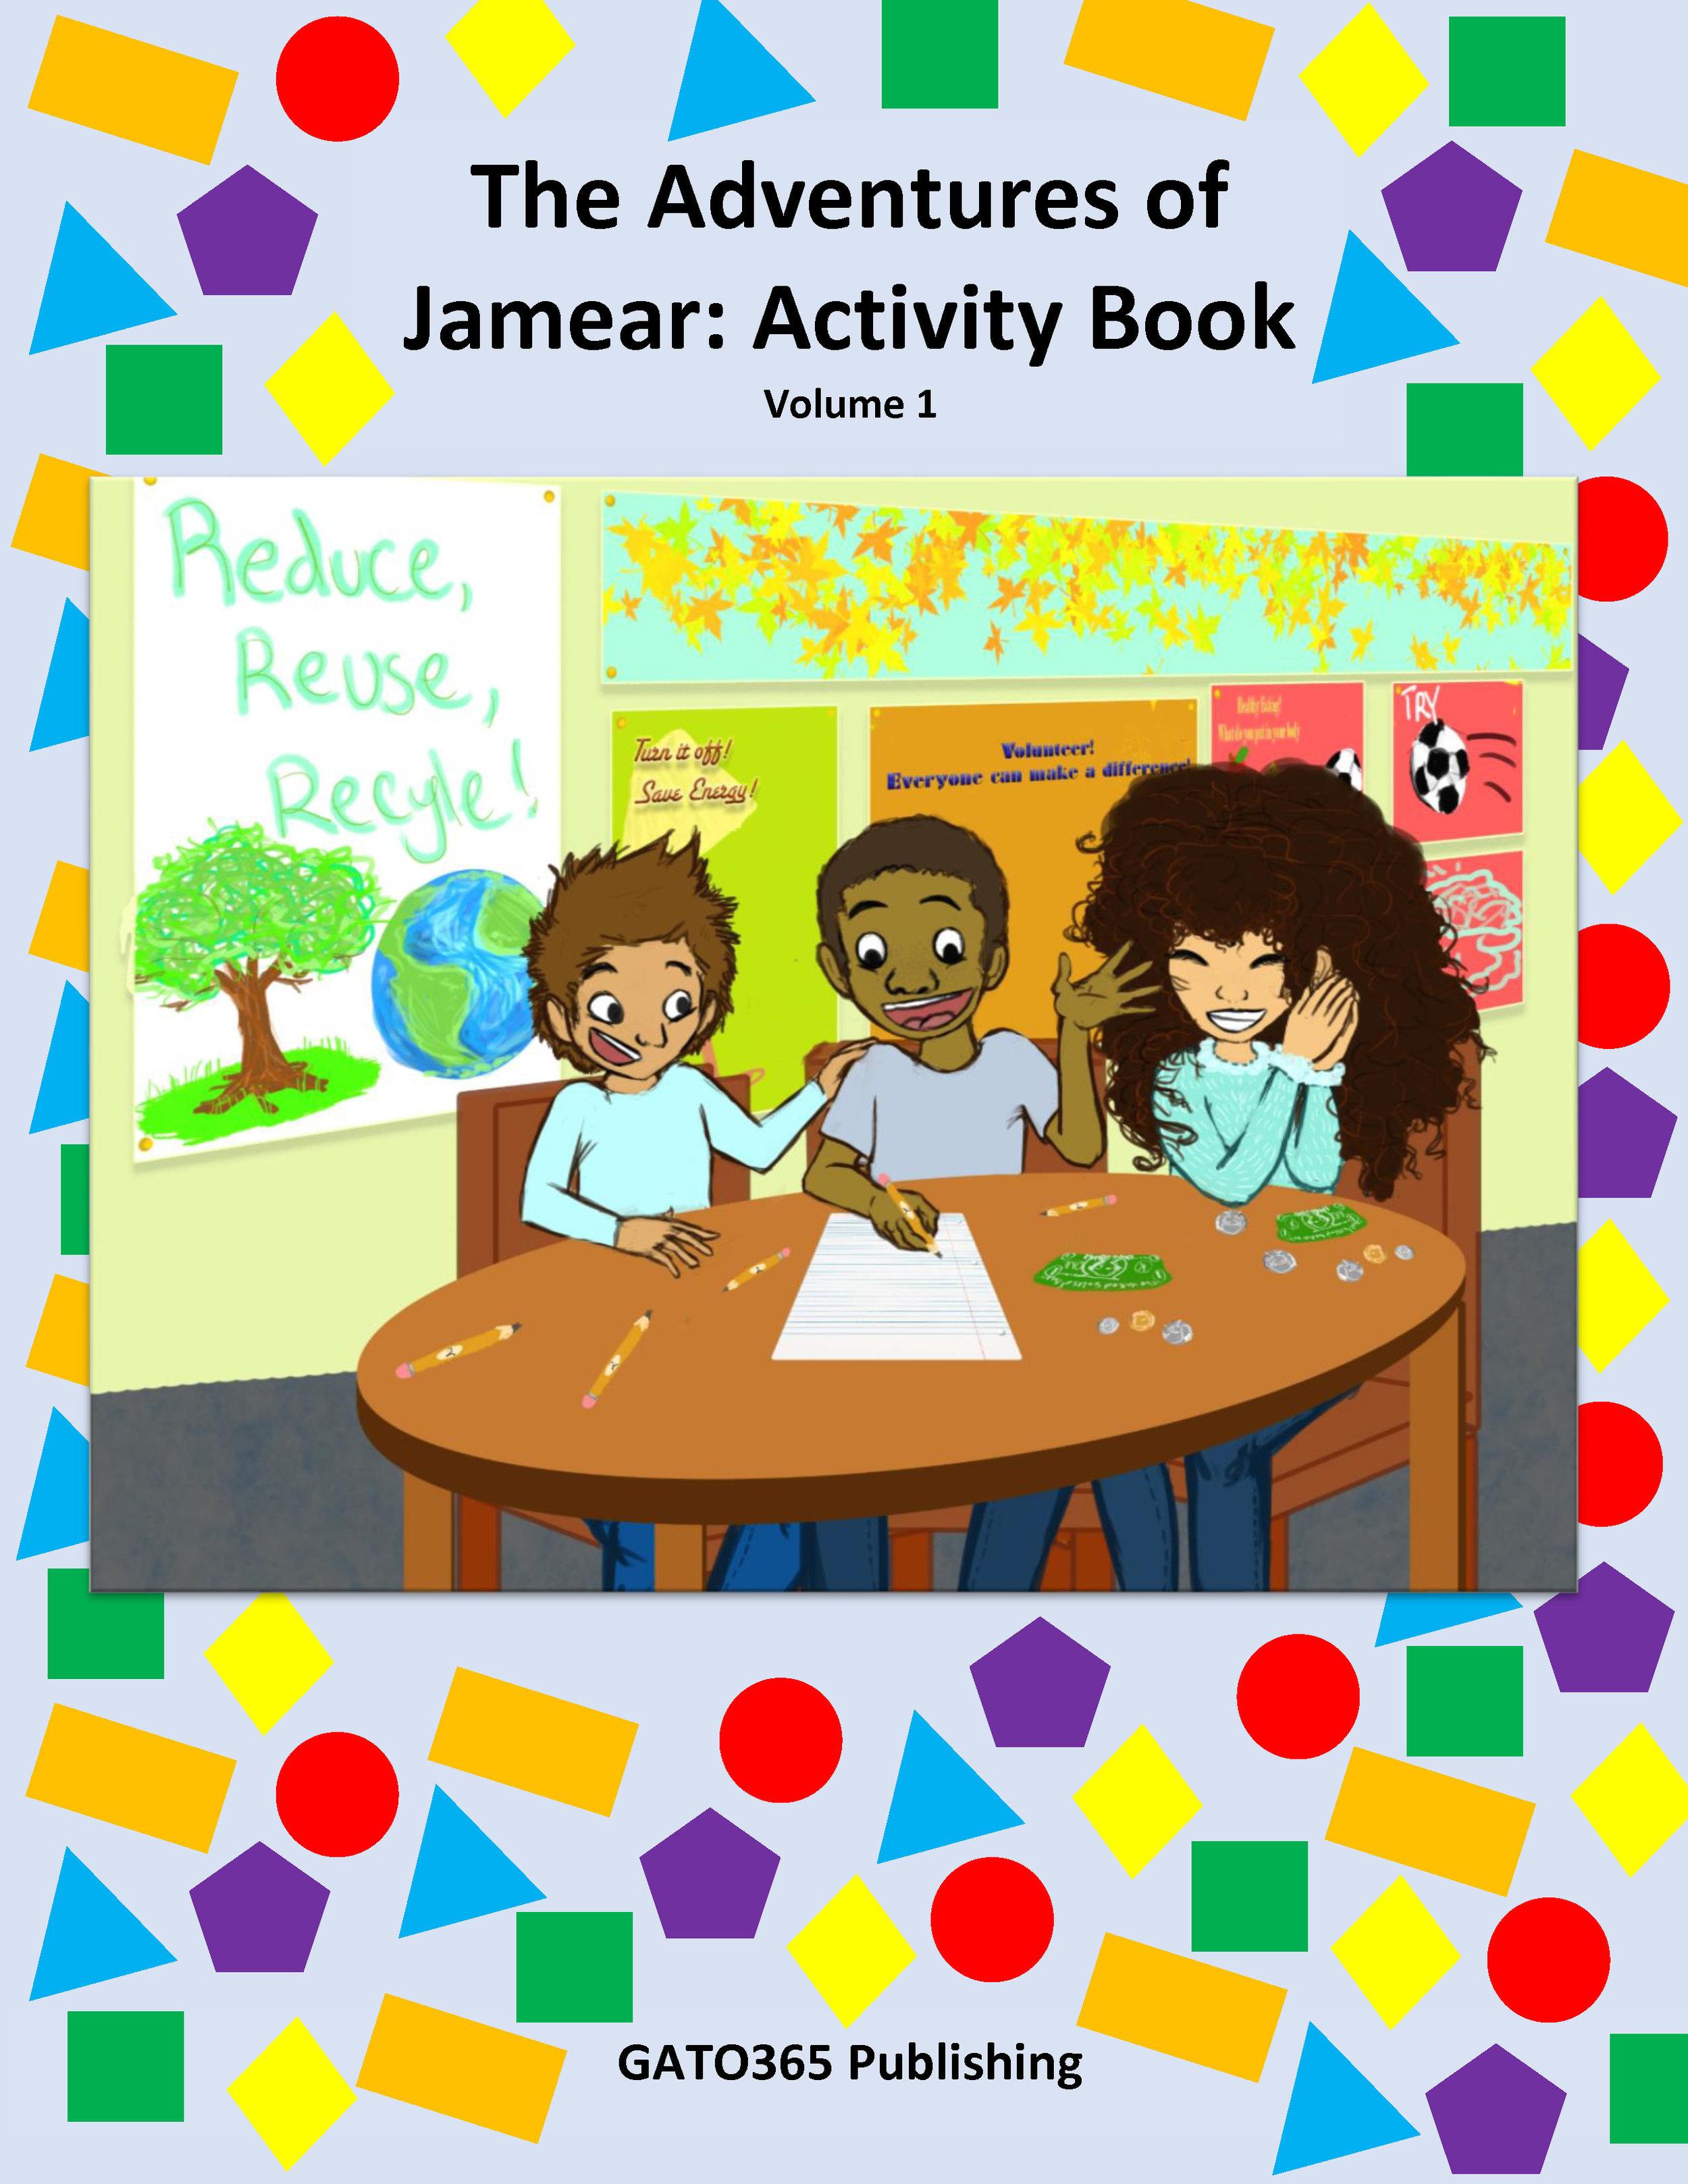 TheAdventuresofJamear_workbook_cover.jpg